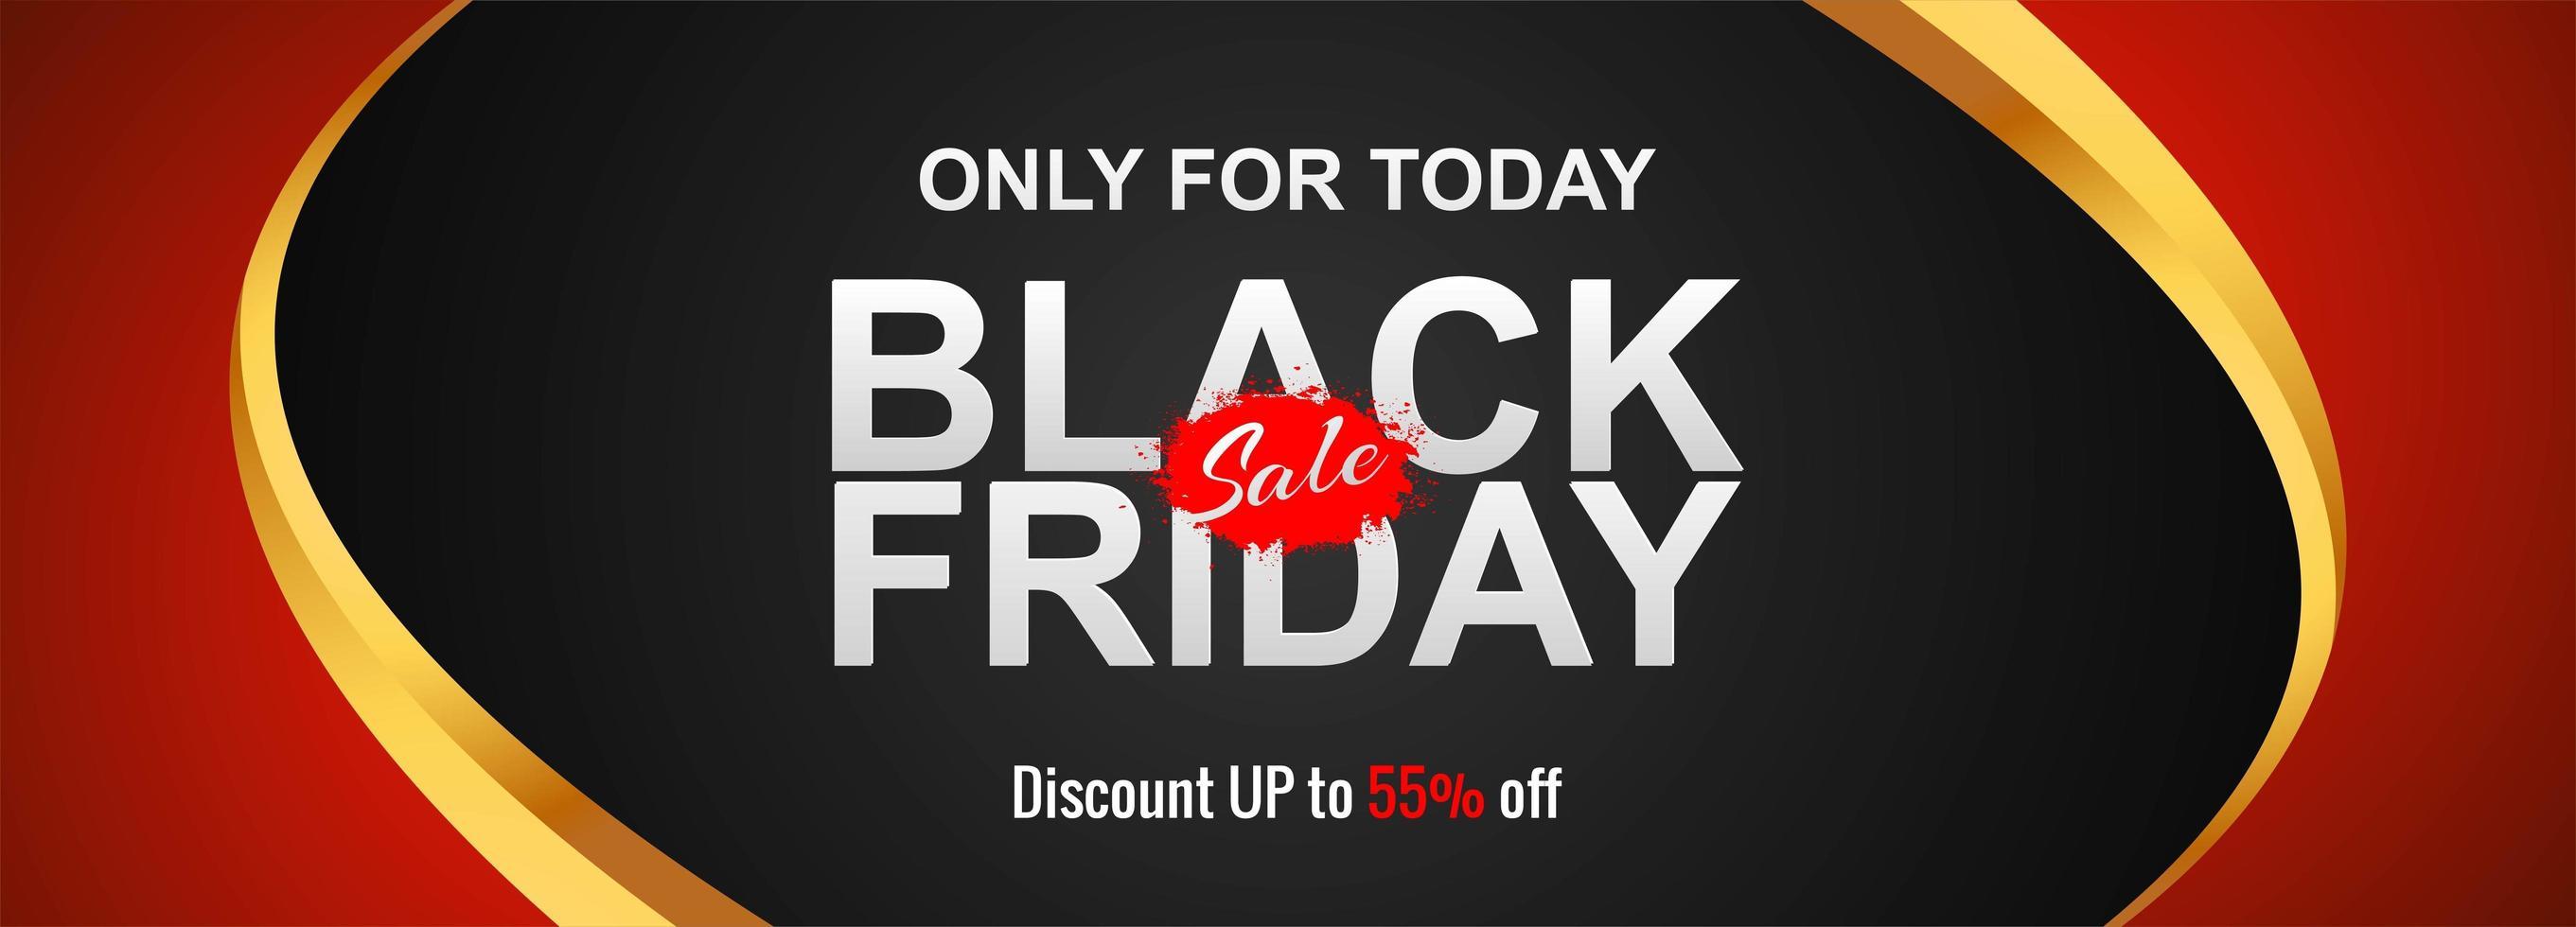 zwarte vrijdag verkoop concept banner achtergrond vector